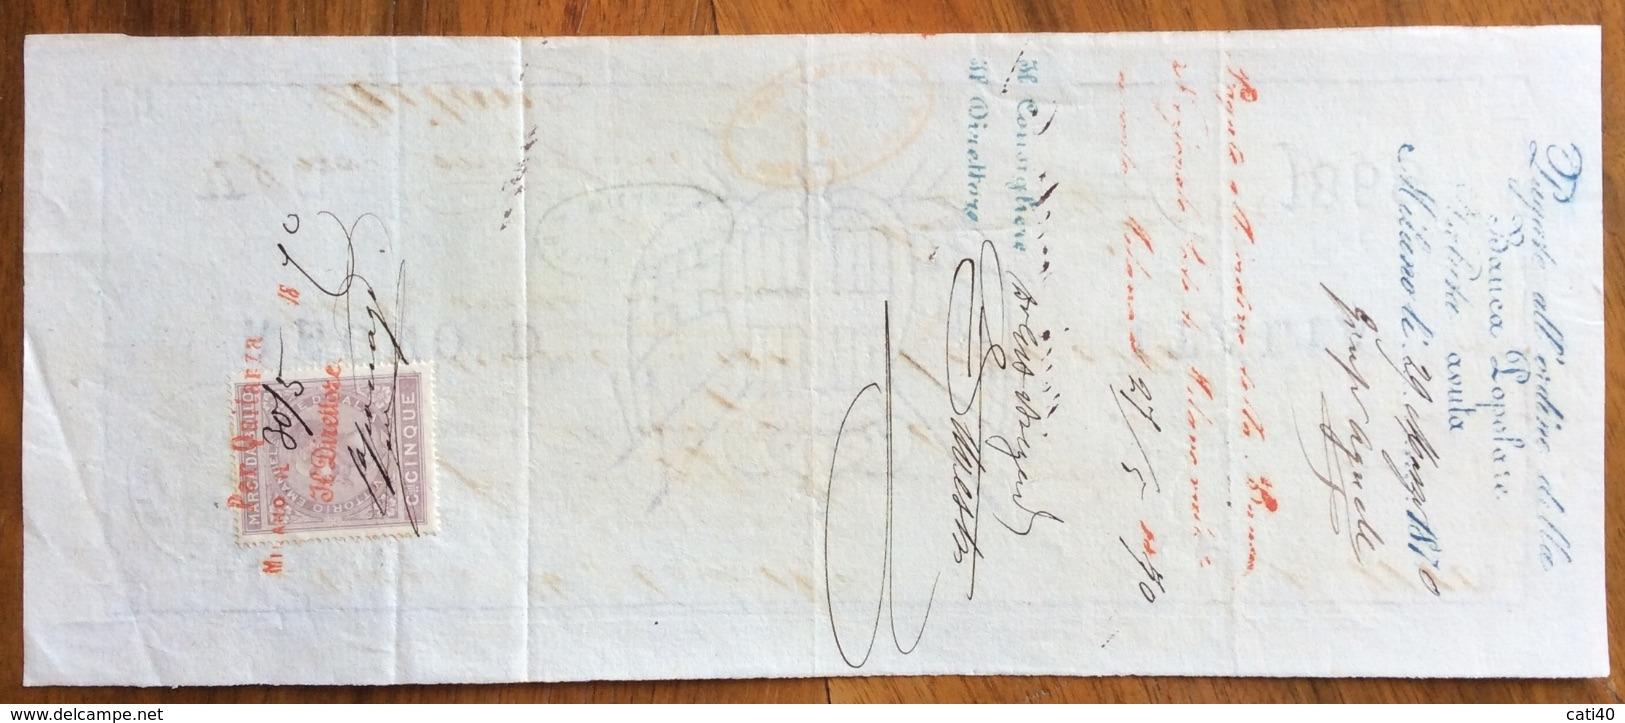 MARCA DA BOLLO  SU CAMBIALE(1868)  MILANO 1870  DI 1800 LIRE ITALIANE CON  FIRME AUTOGRAFE  DOCUMENTO ORIGINALE - Cambiali